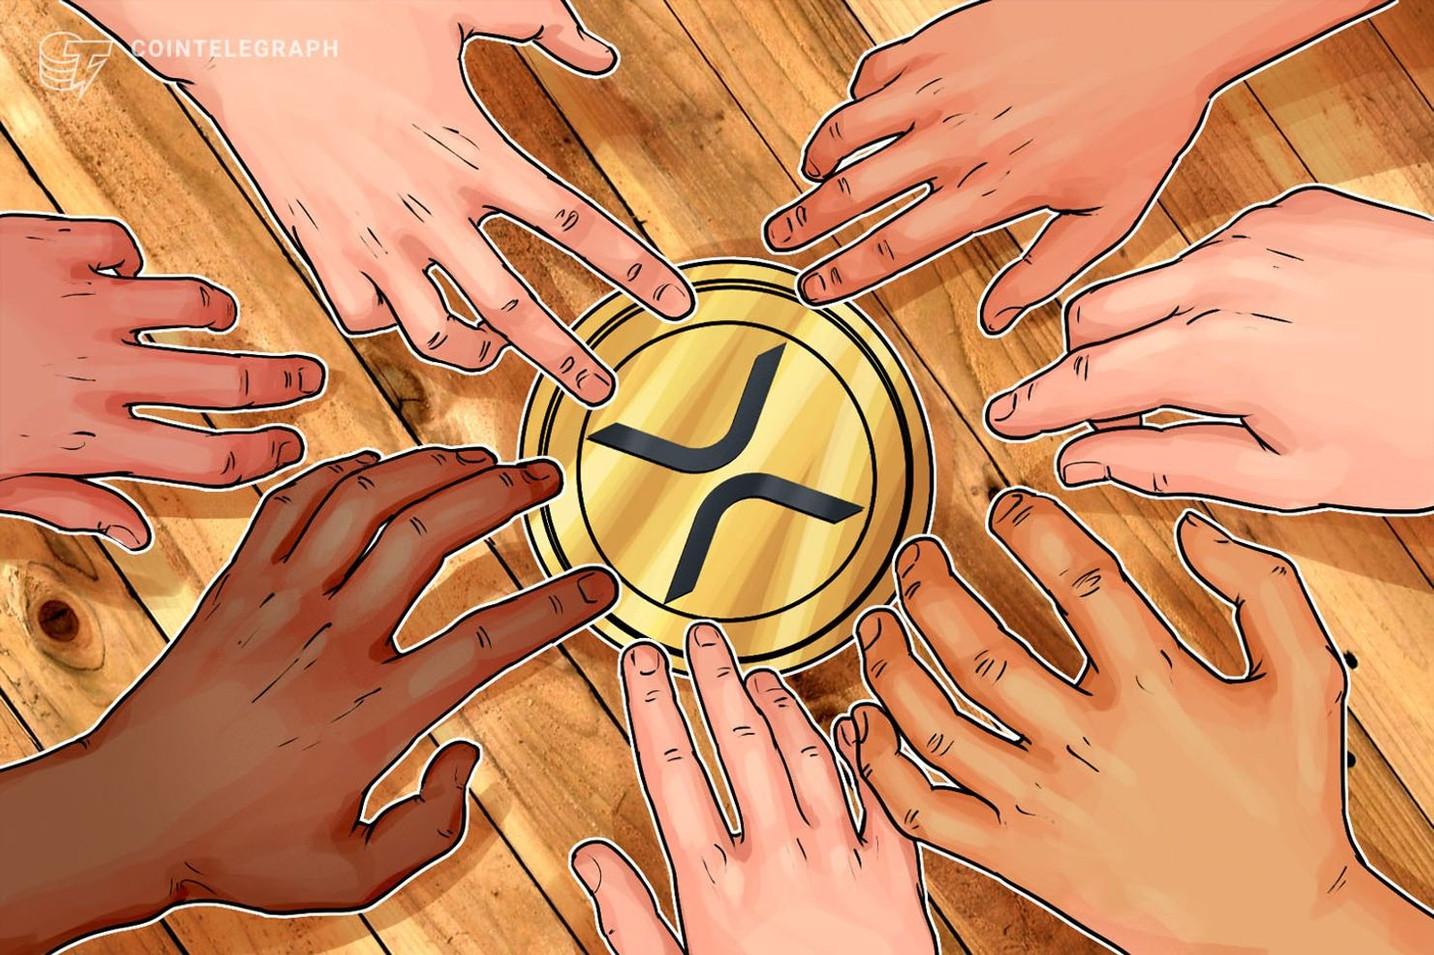 【速報】ビットフライヤー、仮想通貨XRP(リップル)の取り扱い開始 アルトコイン販売所で |新規通貨は2年ぶり